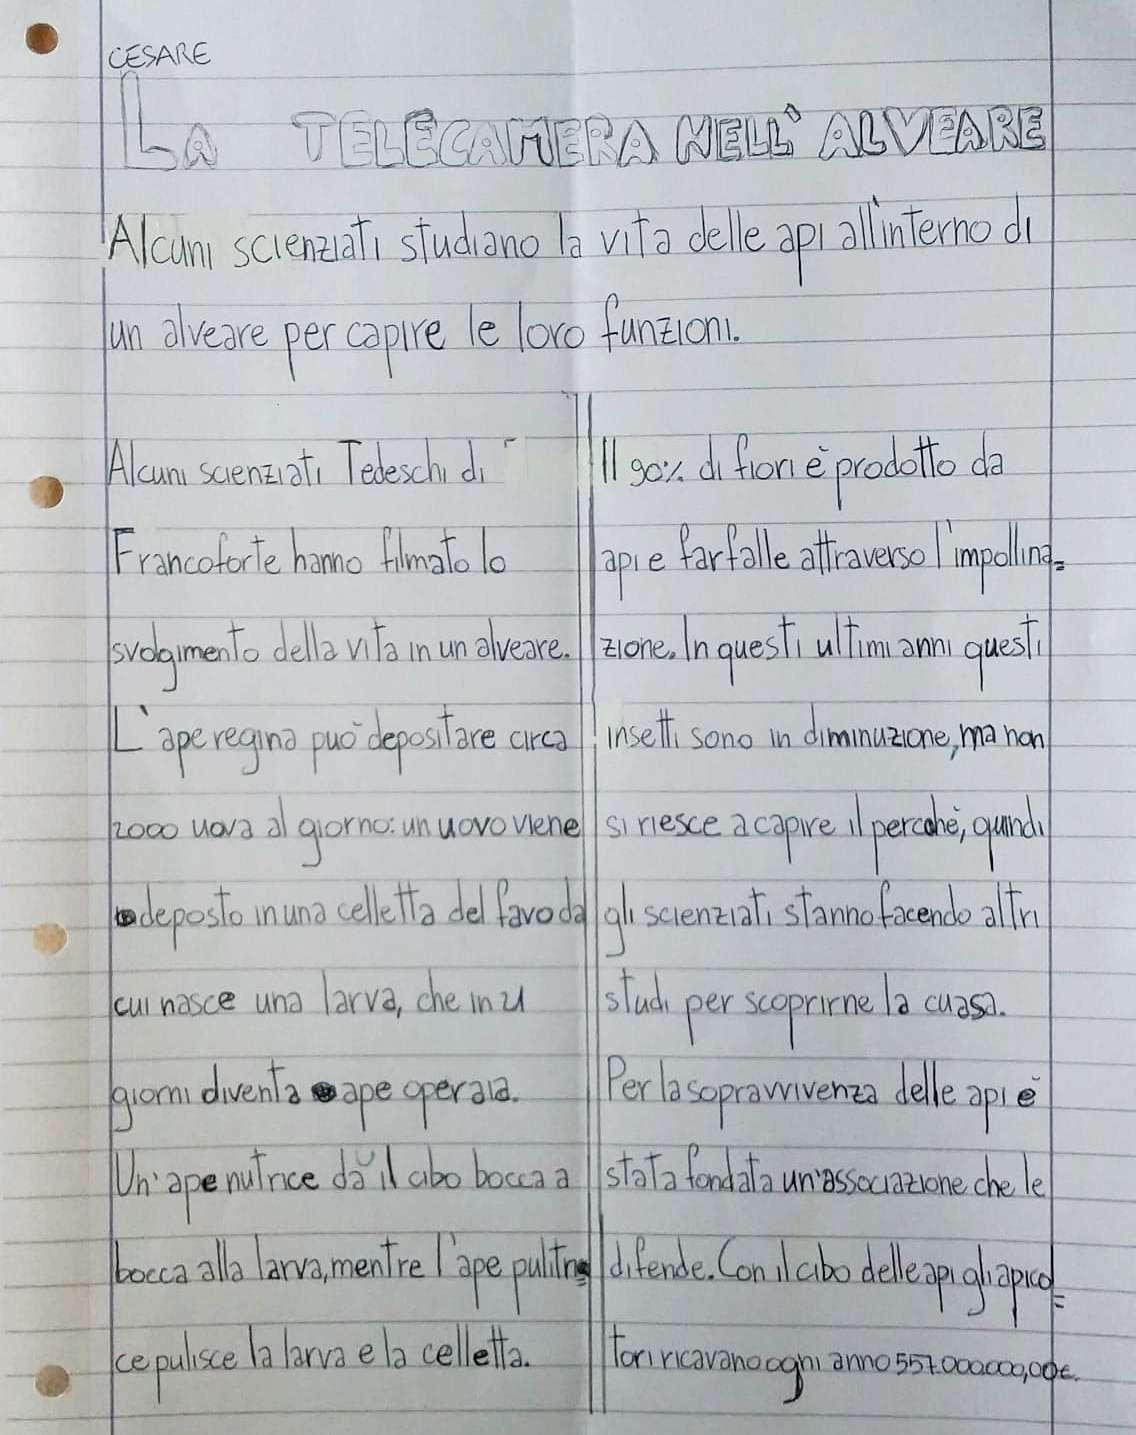 Corbetta - Co Notizie alla primaria Aldo Moro per spiegare il giornalismo. Corbetta 21/04/2021